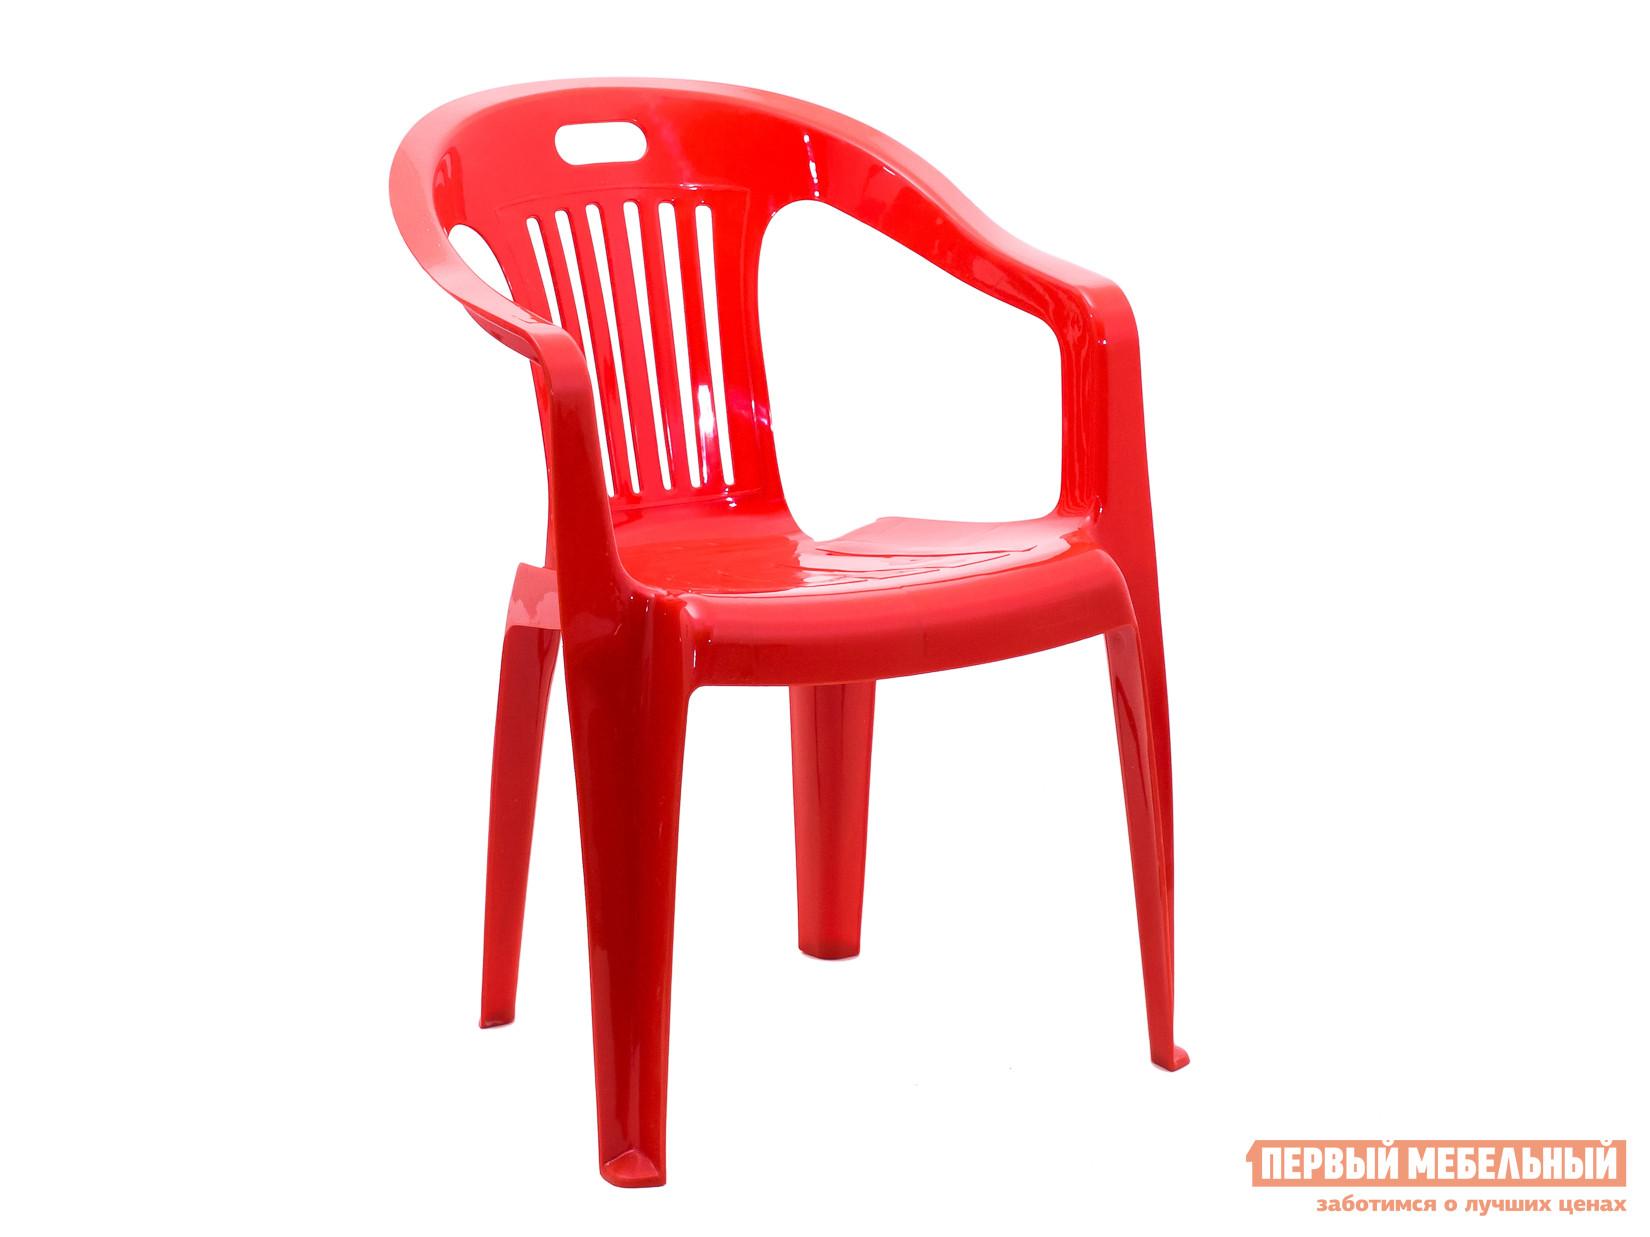 Пластиковый стул Стандарт Пластик Кресло №5 Комфорт-1 (540x535x780мм) КрасныйПластиковые стулья<br>Габаритные размеры ВхШхГ 780x540x535 мм. Пластиковое кресло Комфорт простое и практичное.  Оформление спинки кресла обеспечивает отличную вентиляцию, благодаря этому в нем удобно сидеть даже в жаркую погоду.  Также спинка оснащена прорезью для удобной транспортировки кресла.  Изделие оборудовано подлокотниками, их функциональное назначение – сделать пребывание в кресле максимально удобным и приятным. Высота изделия от пола до сиденья составляет 37 см. Пластиковая мебель уникальна сочетанием таких качеств, как повышенная прочность (легко выдерживает нагрузку до 120 кг) и предельная легкость (чуть больше 2 кг).  Мебельные изделия демократичны, хорошо подходят для меблировки дачи, зоны отдыха или летнего кафе.  Пластиковая мебель не боится перепадов температур, повышенной влажности.  Такая мебель станет верным союзником в комфортном и гармоничном отдыхе.<br><br>Цвет: Красный<br>Высота мм: 780<br>Ширина мм: 540<br>Глубина мм: 535<br>Кол-во упаковок: 1<br>Форма поставки: В собранном виде<br>Срок гарантии: 1 год<br>С подлокотниками: Да